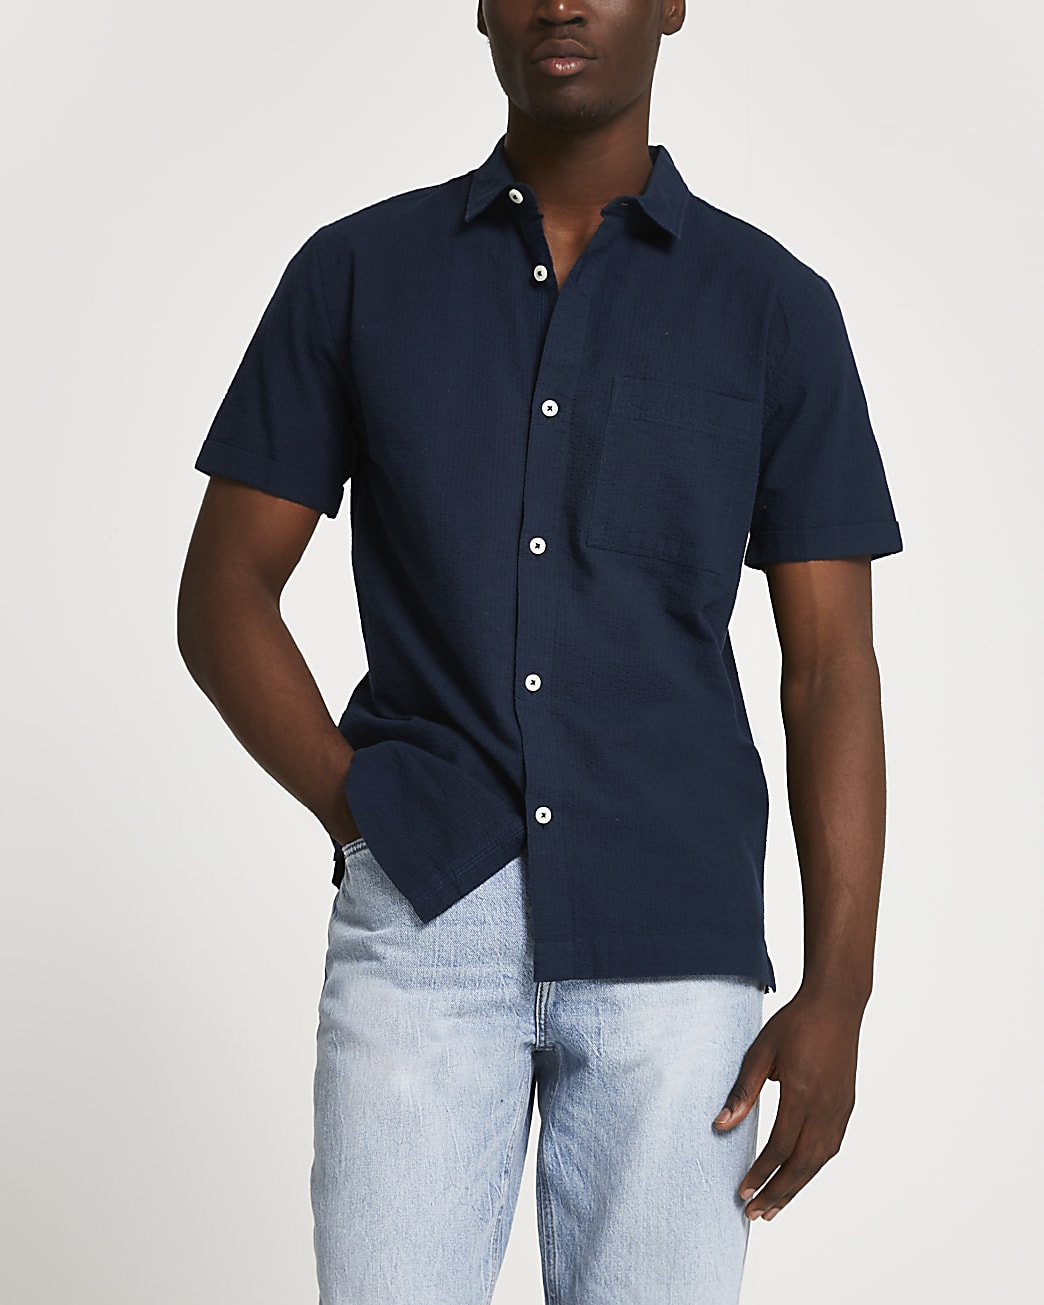 Navy textured short sleeve shirt